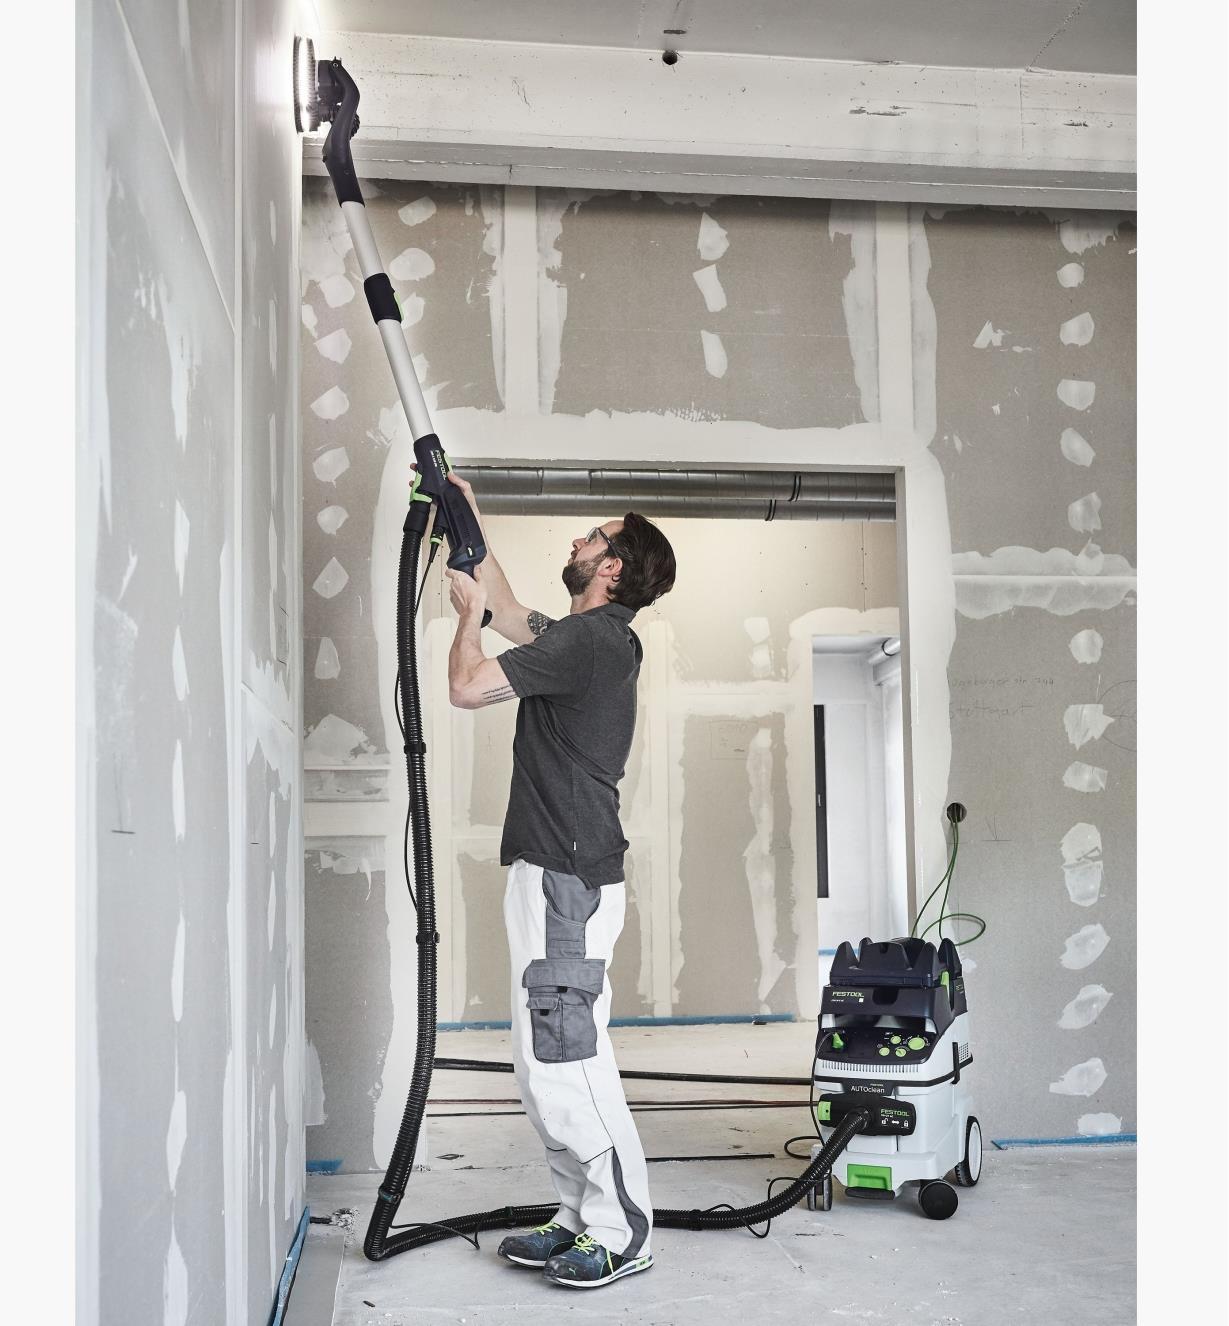 Personne utilisant la ponceuse Planex LHS 2 225 sur un mur